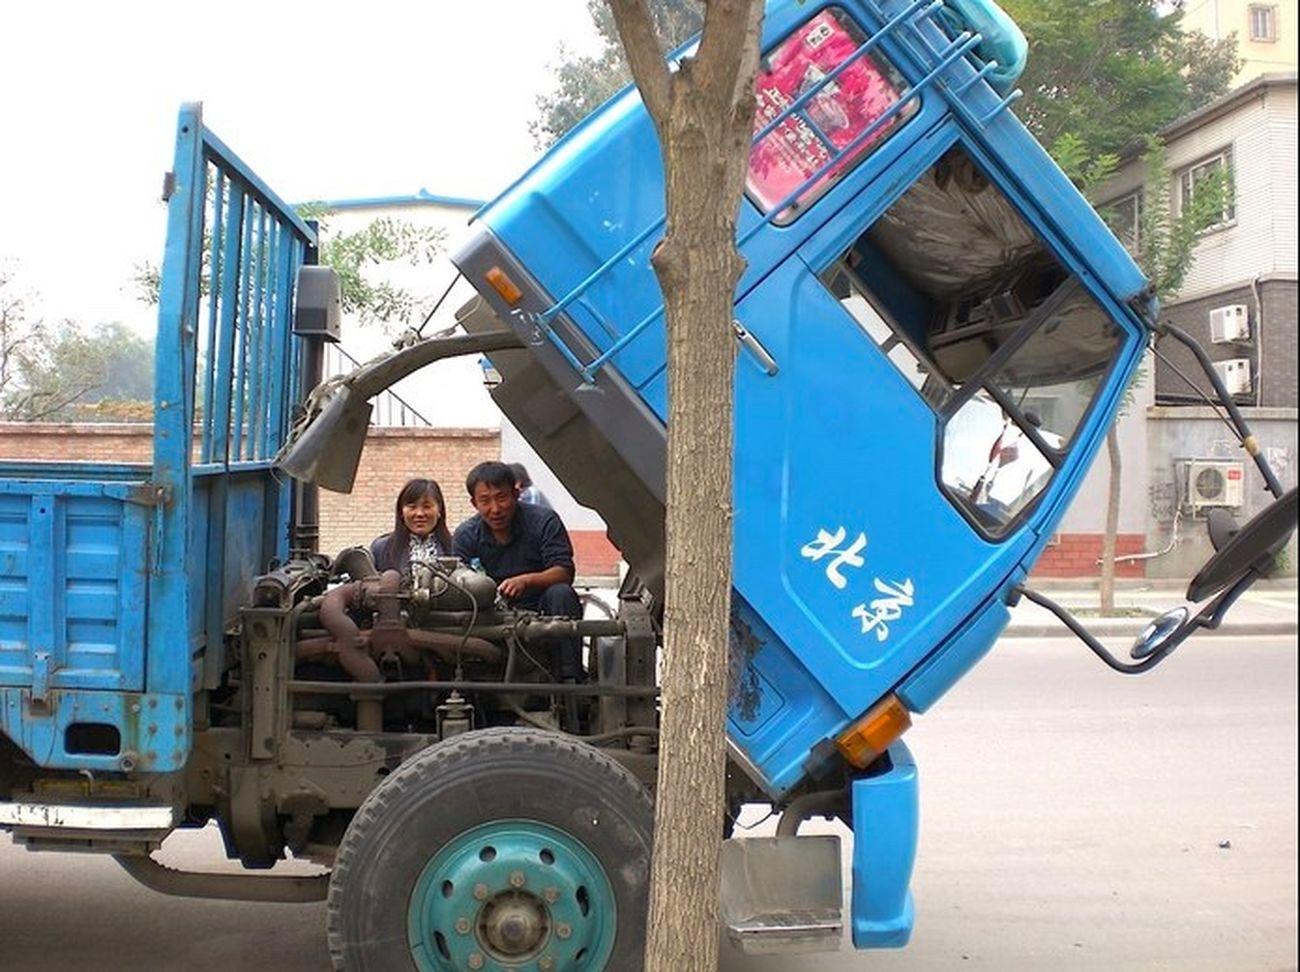 798 798 Art Zone 798艺术区 China Perspective Repair Repairs Truck Truckerslife Whats In...